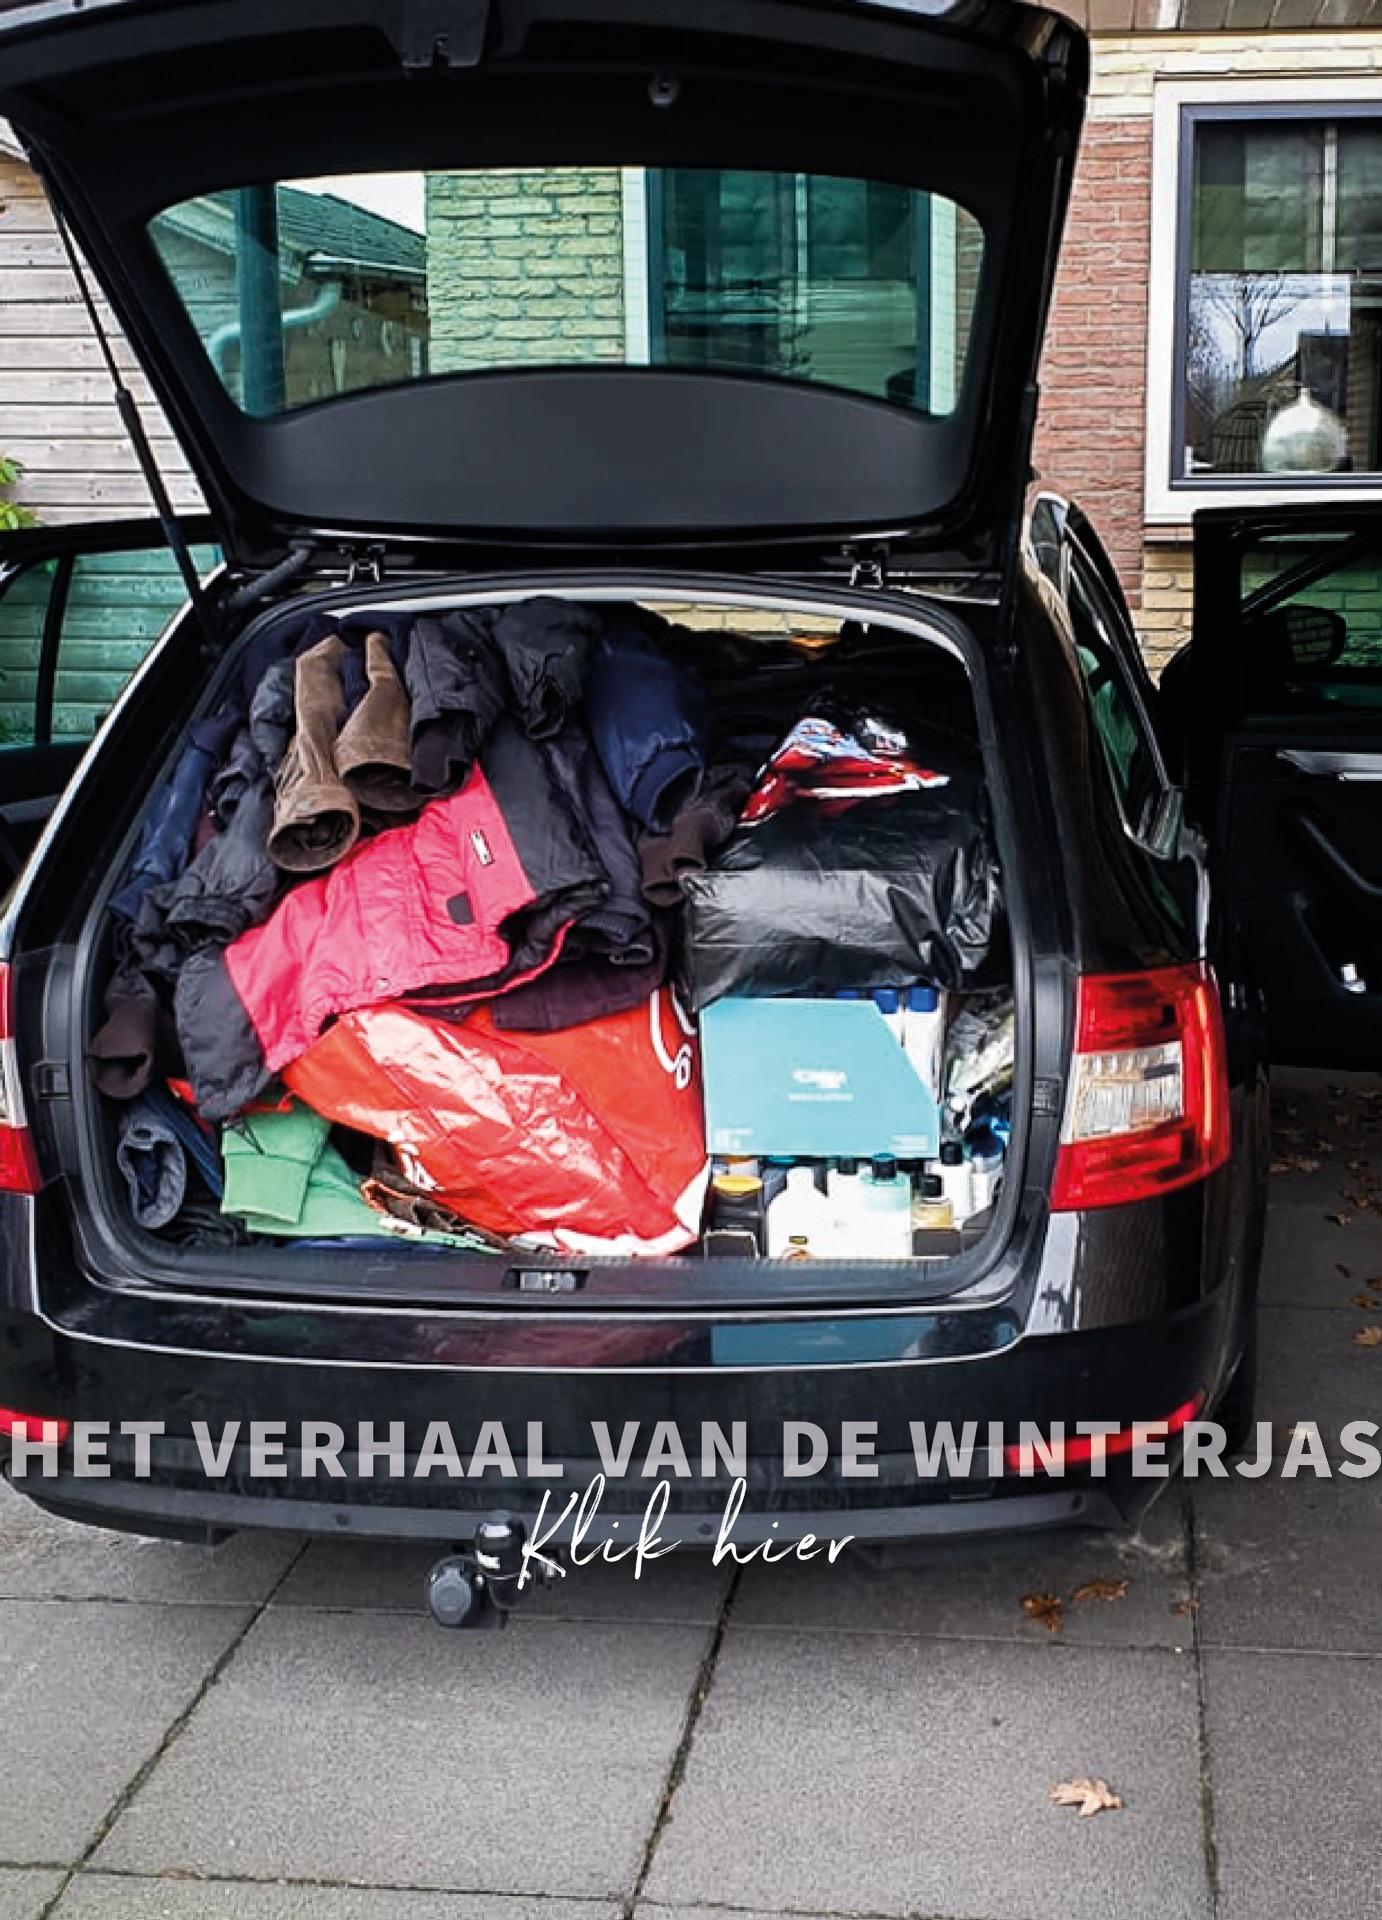 Het verhaal van de winterjas